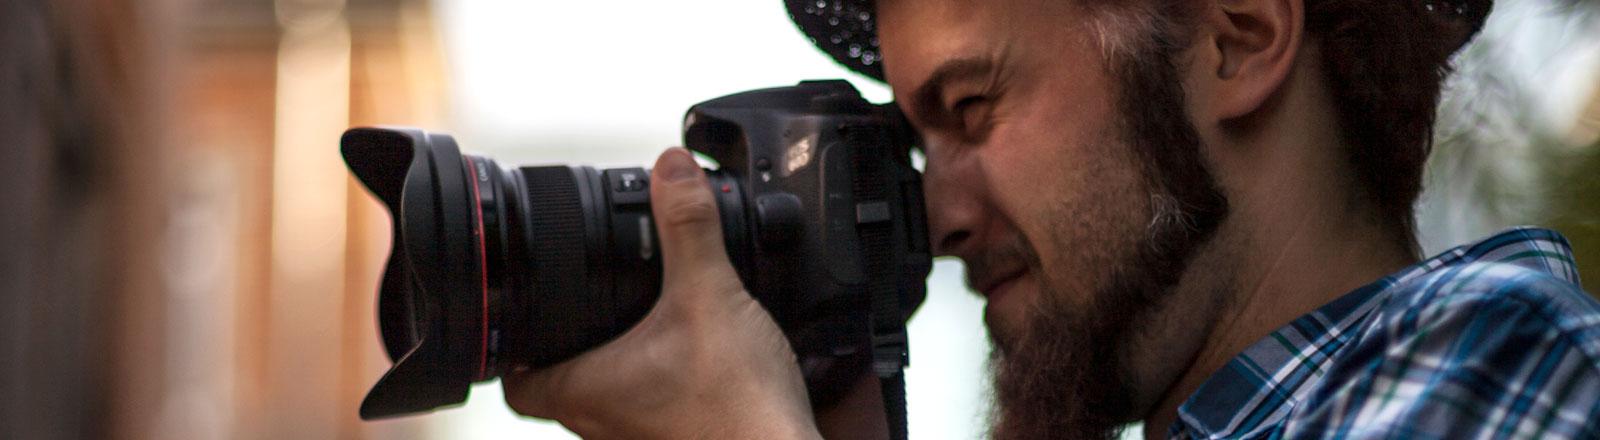 Ein Mann schießt ein Foto.